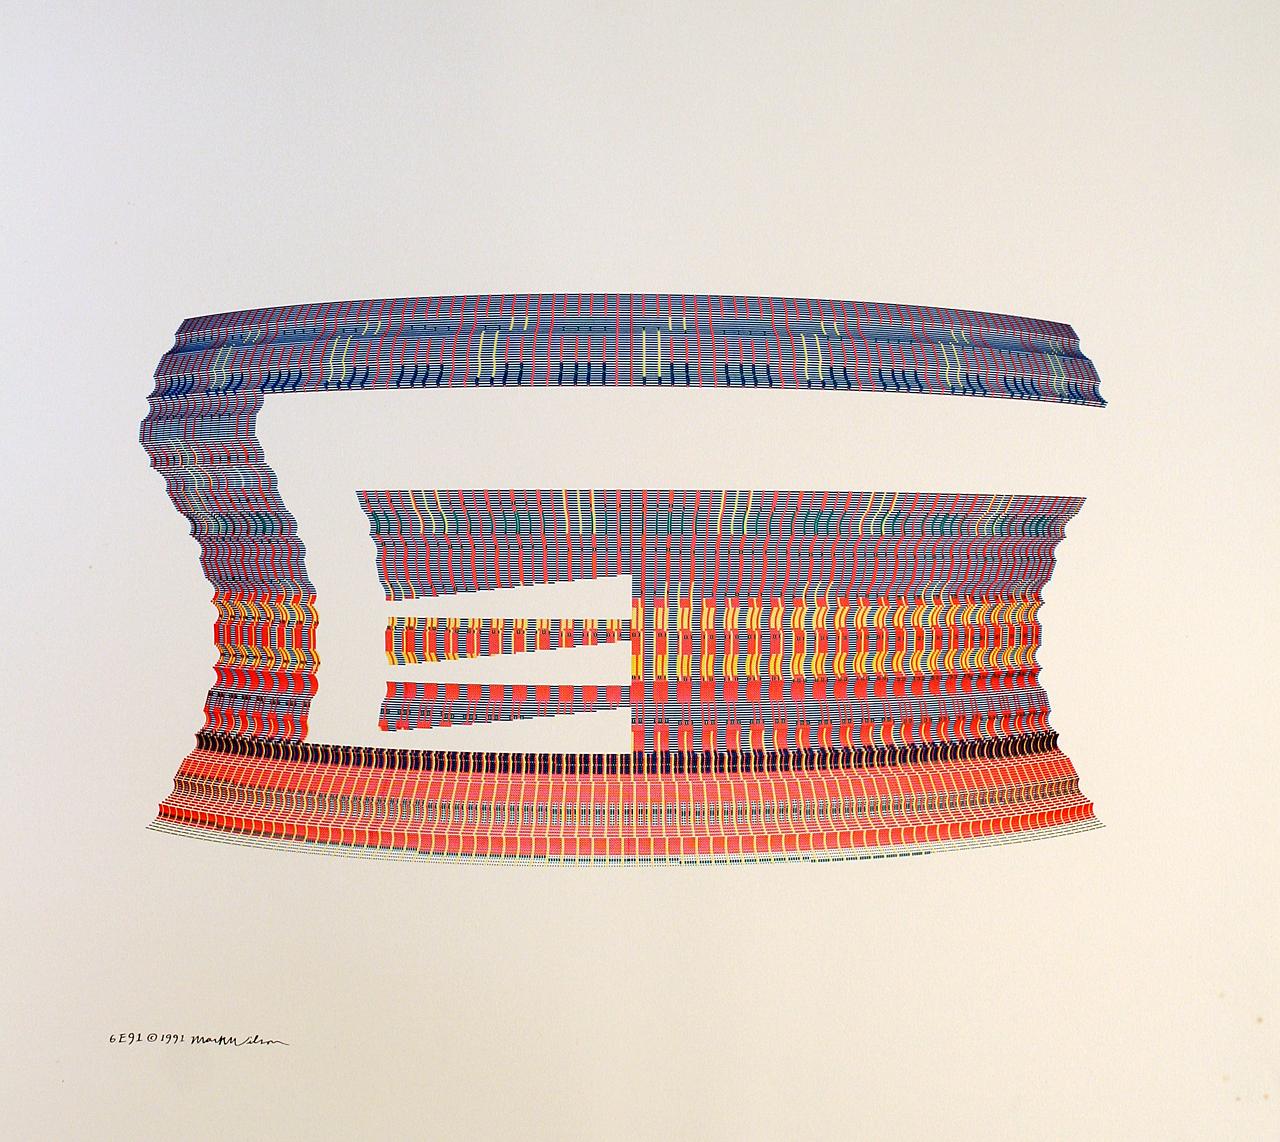 Mark Wilson, 6E91, Plotterzeichnung, 90 x 90 cm, 1991